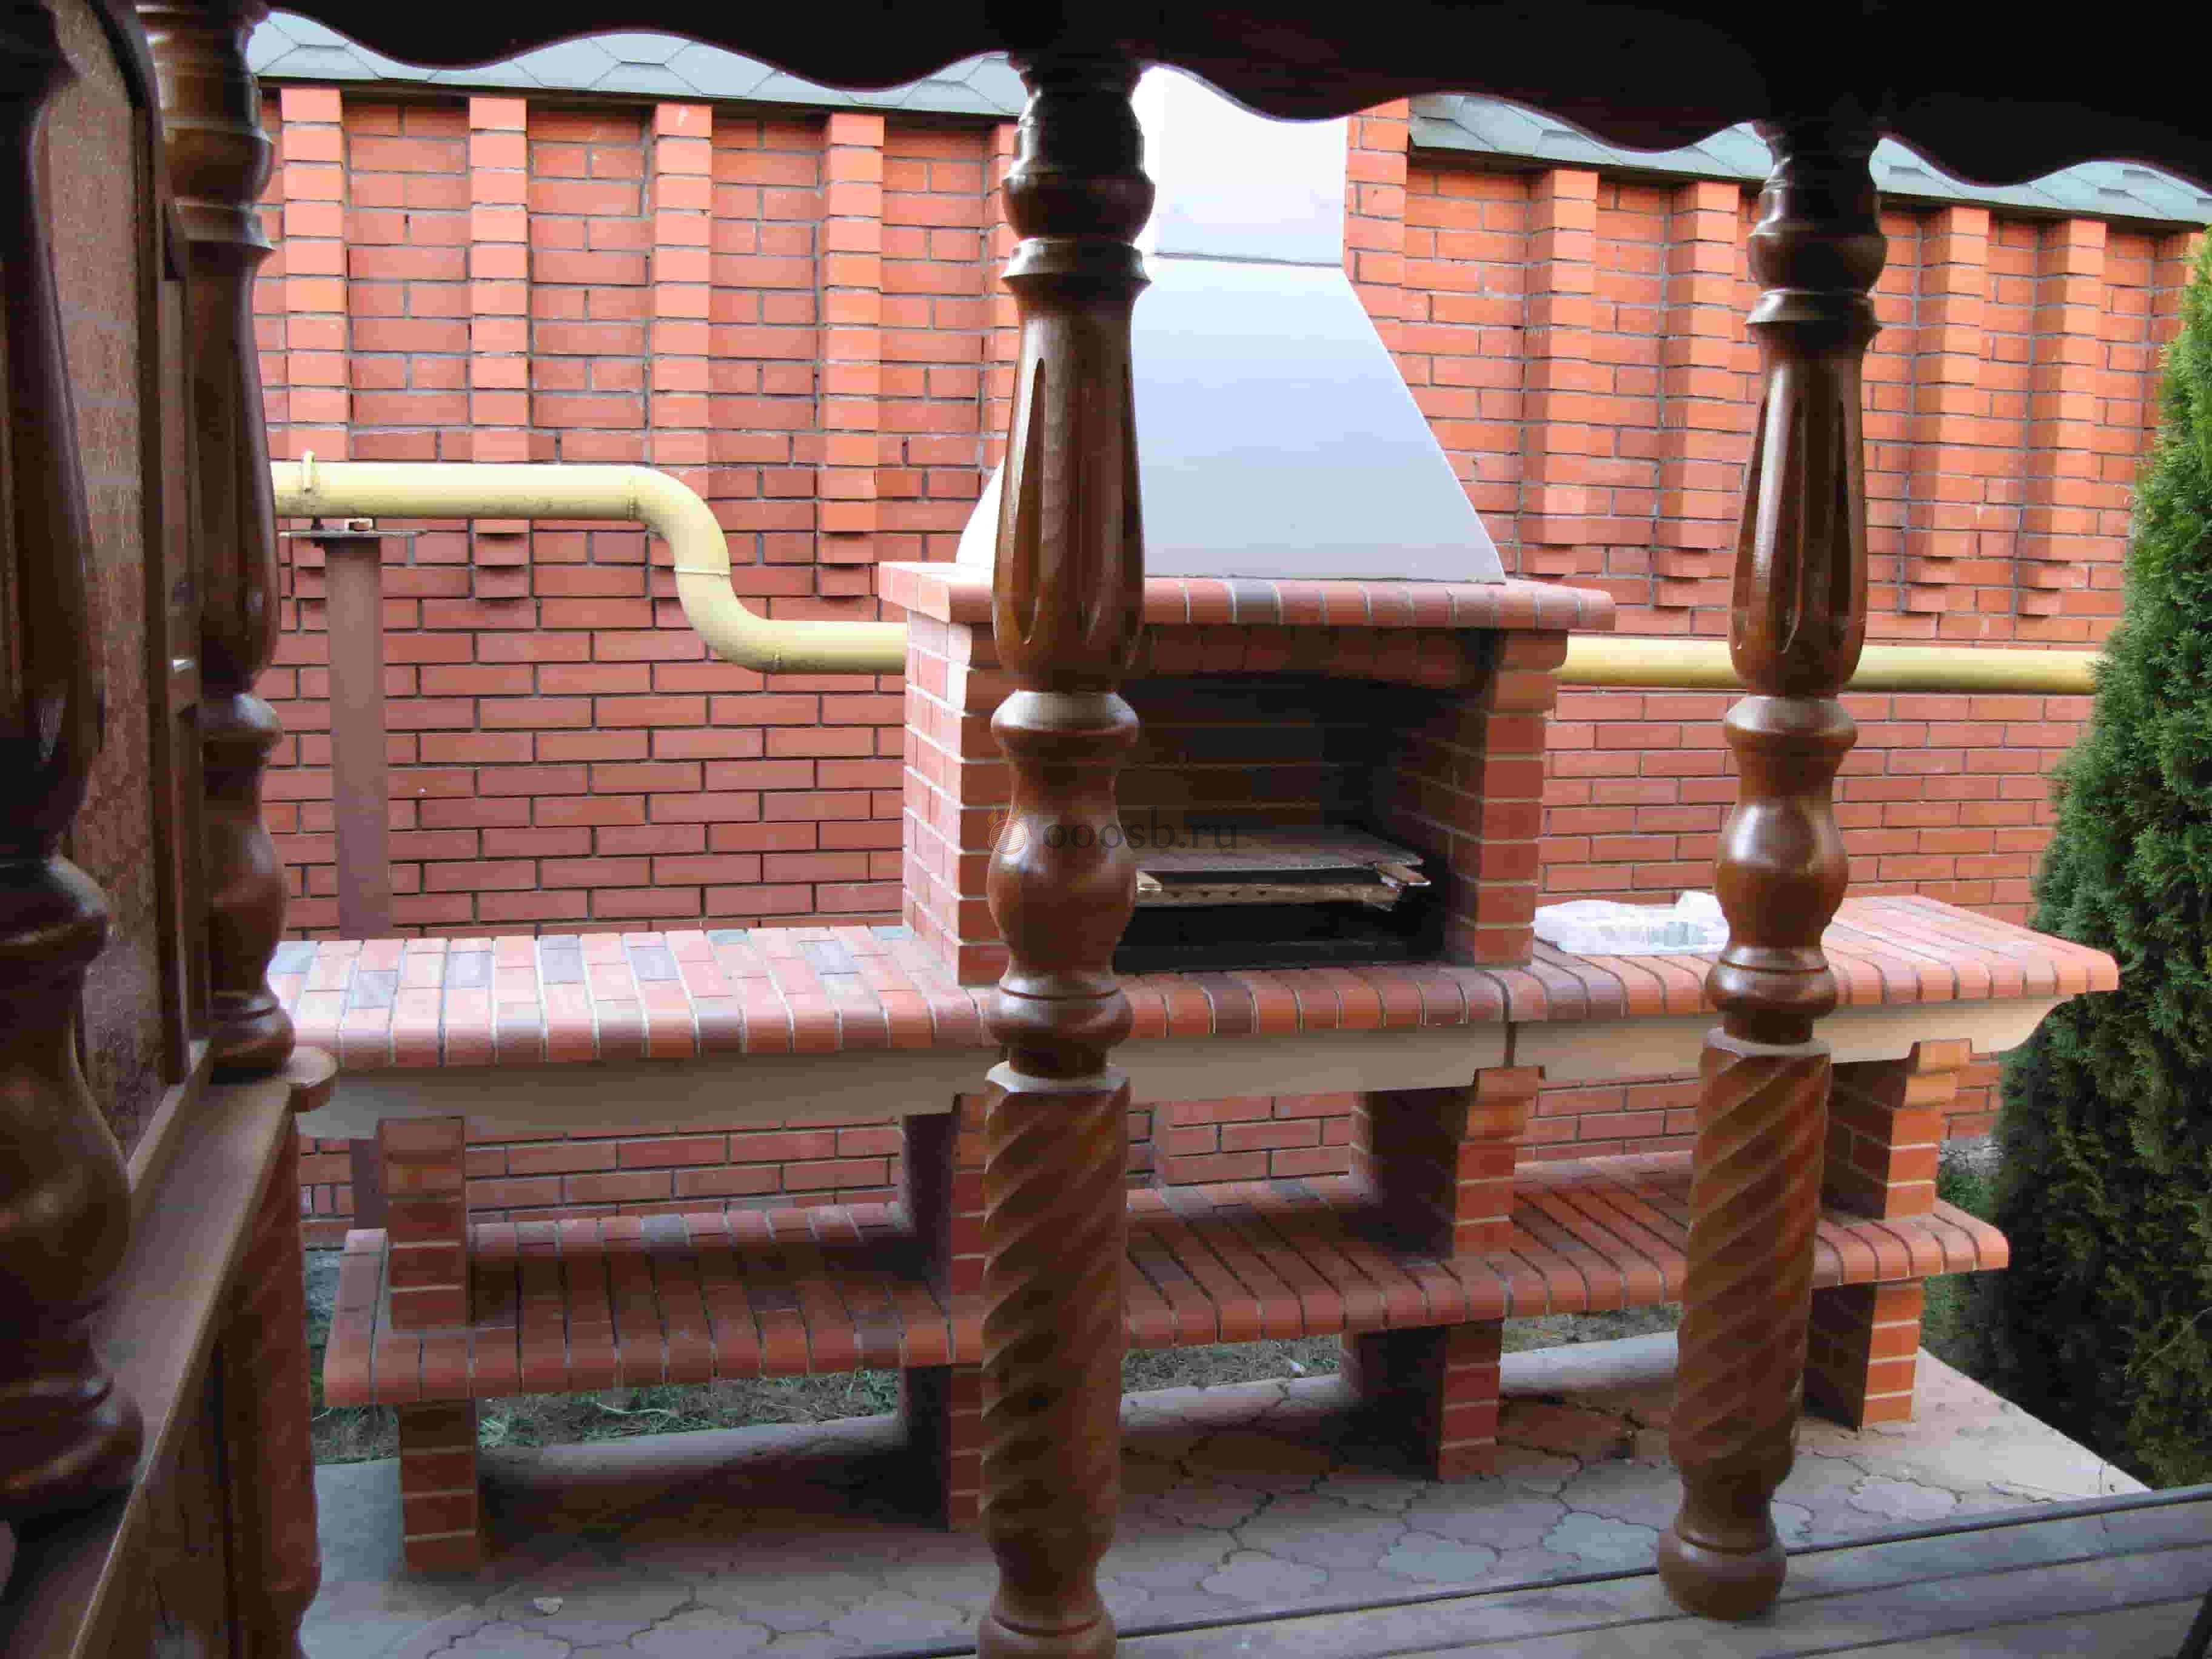 уличная печь с коптильней и мангалом